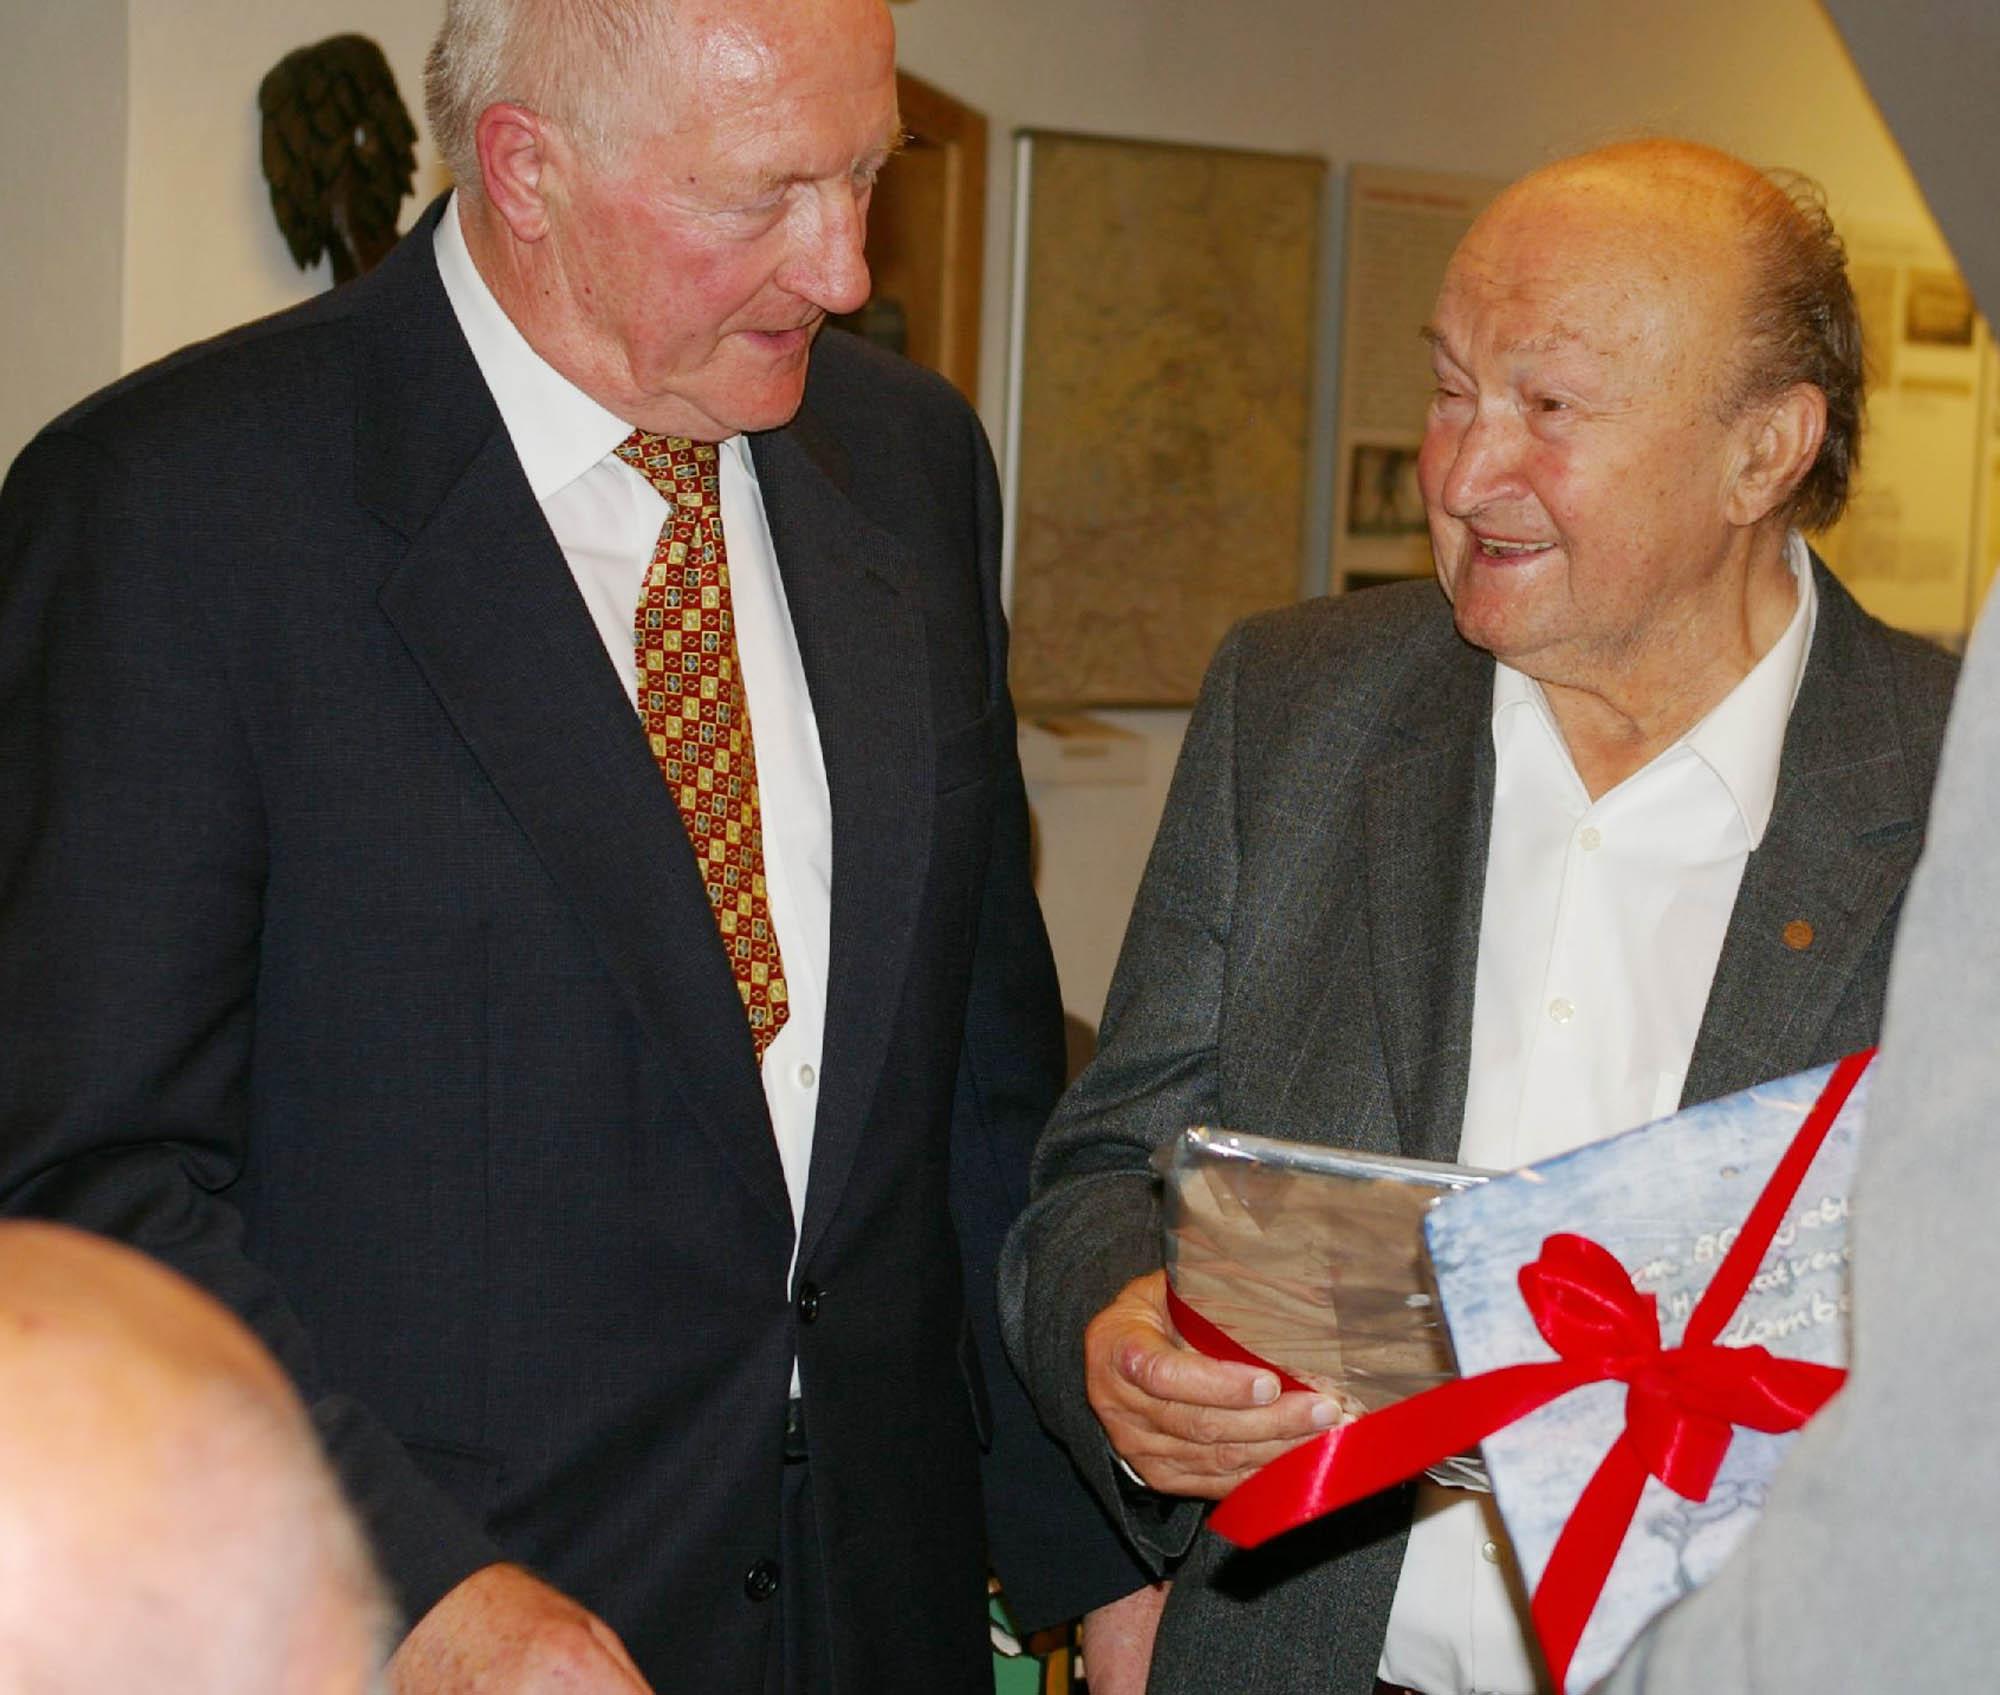 Günter Knaus erhält ebenso wie Lambert Grasmann als Geburtstagsgeschenk aus der Hand des Vorsitzenden eine speziell für die jeweilige  Tätigkeit gestaltete Keramikplatte.